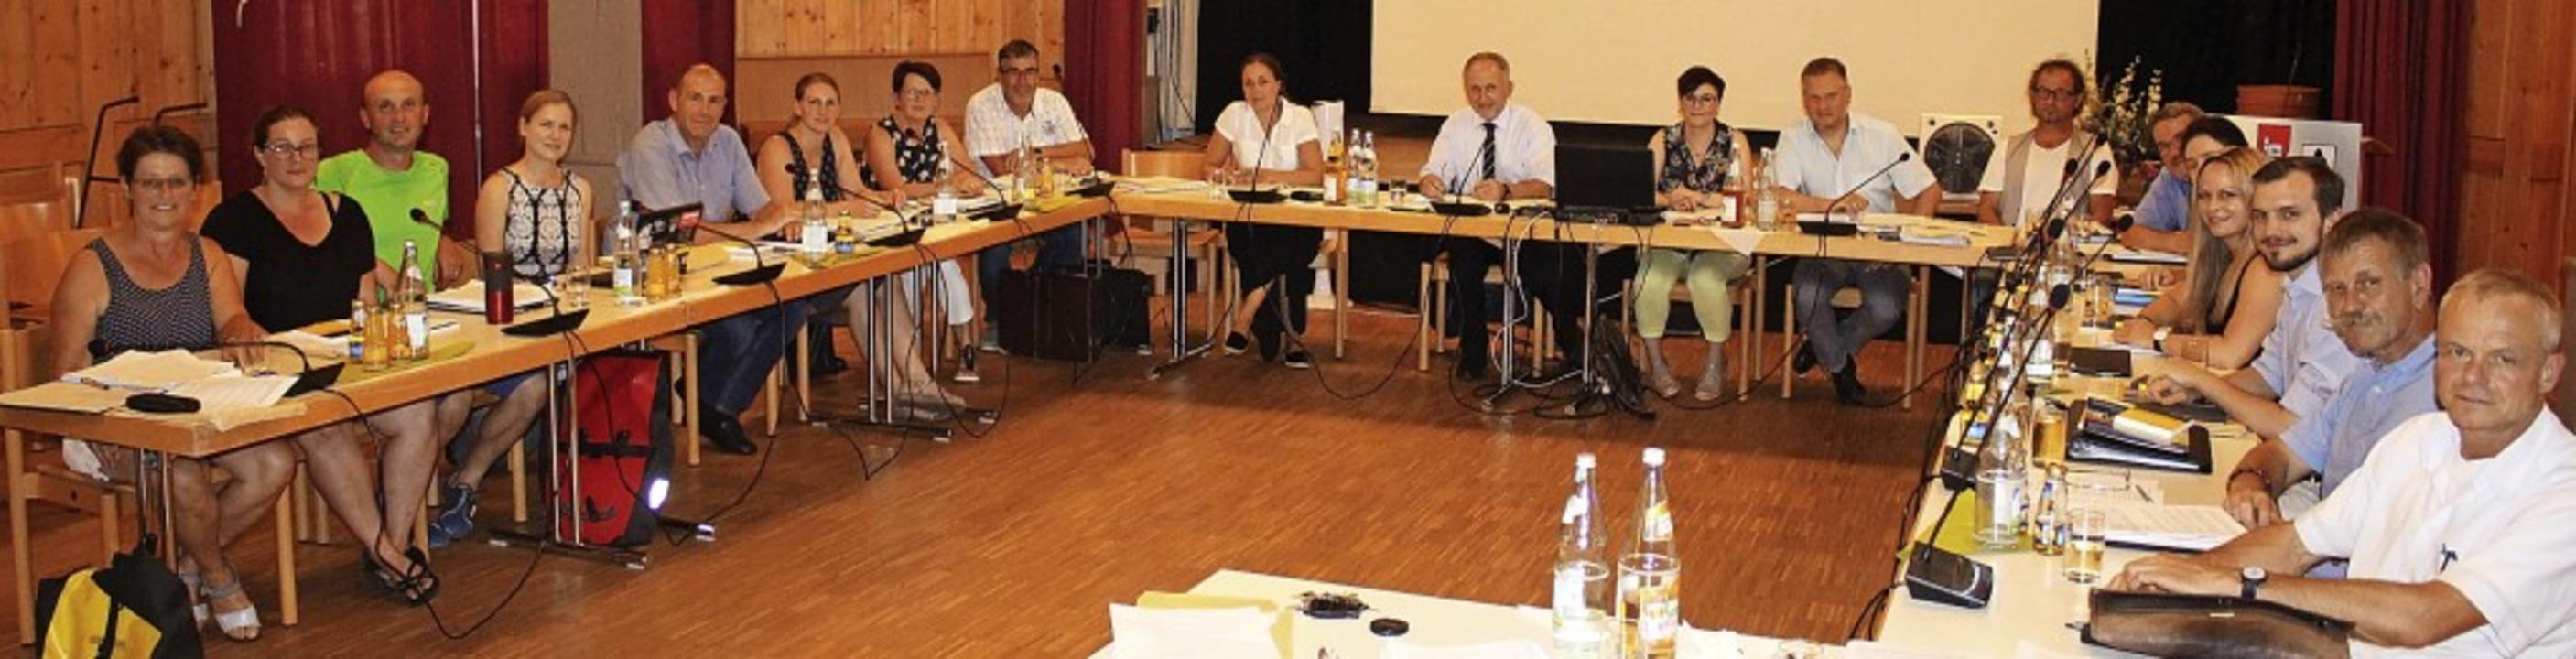 Der neue Gemeinderat Gutach: Rechts  d...nks) und Rieser (Sechster von links).   | Foto: Karin Heiß